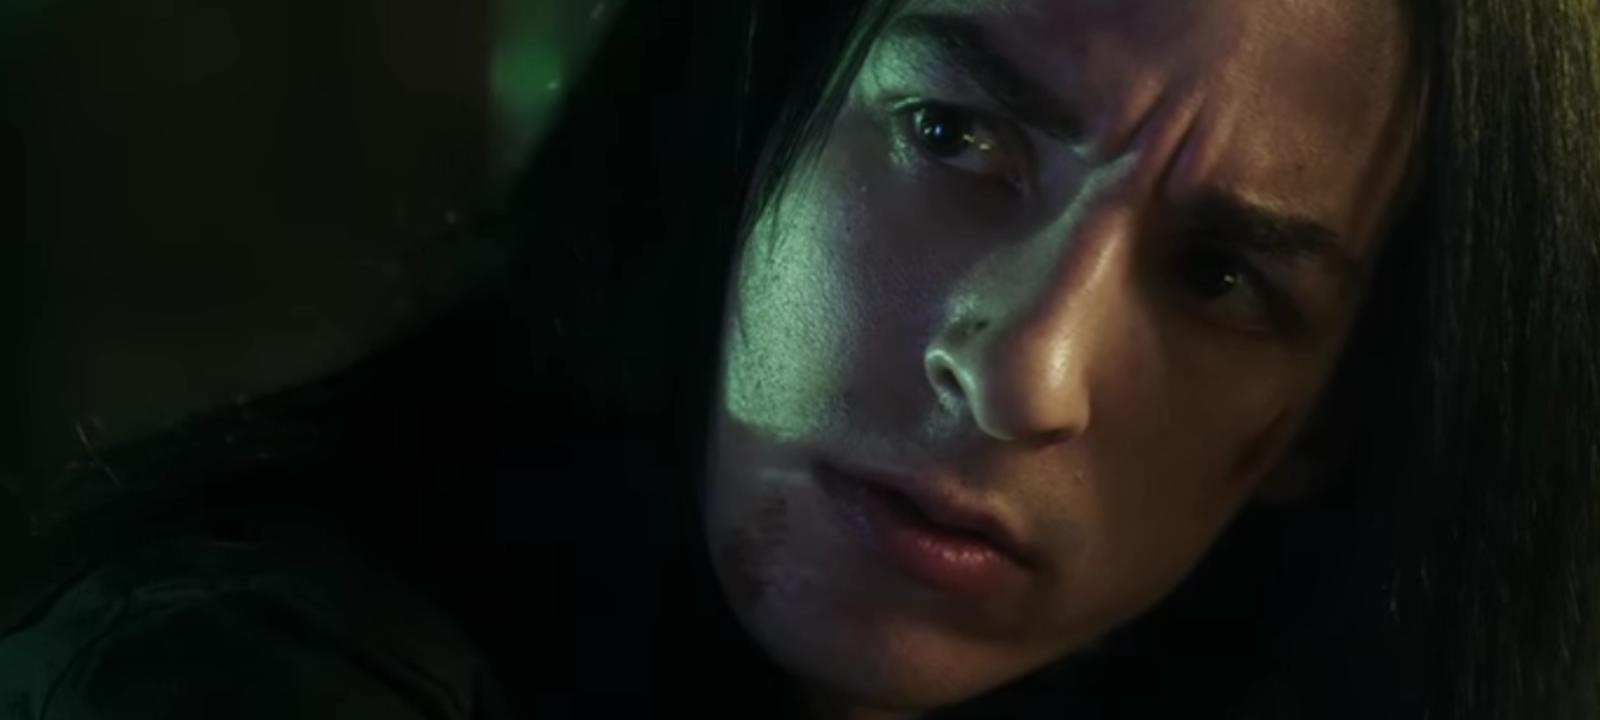 Mick Ignis as Severus Snape